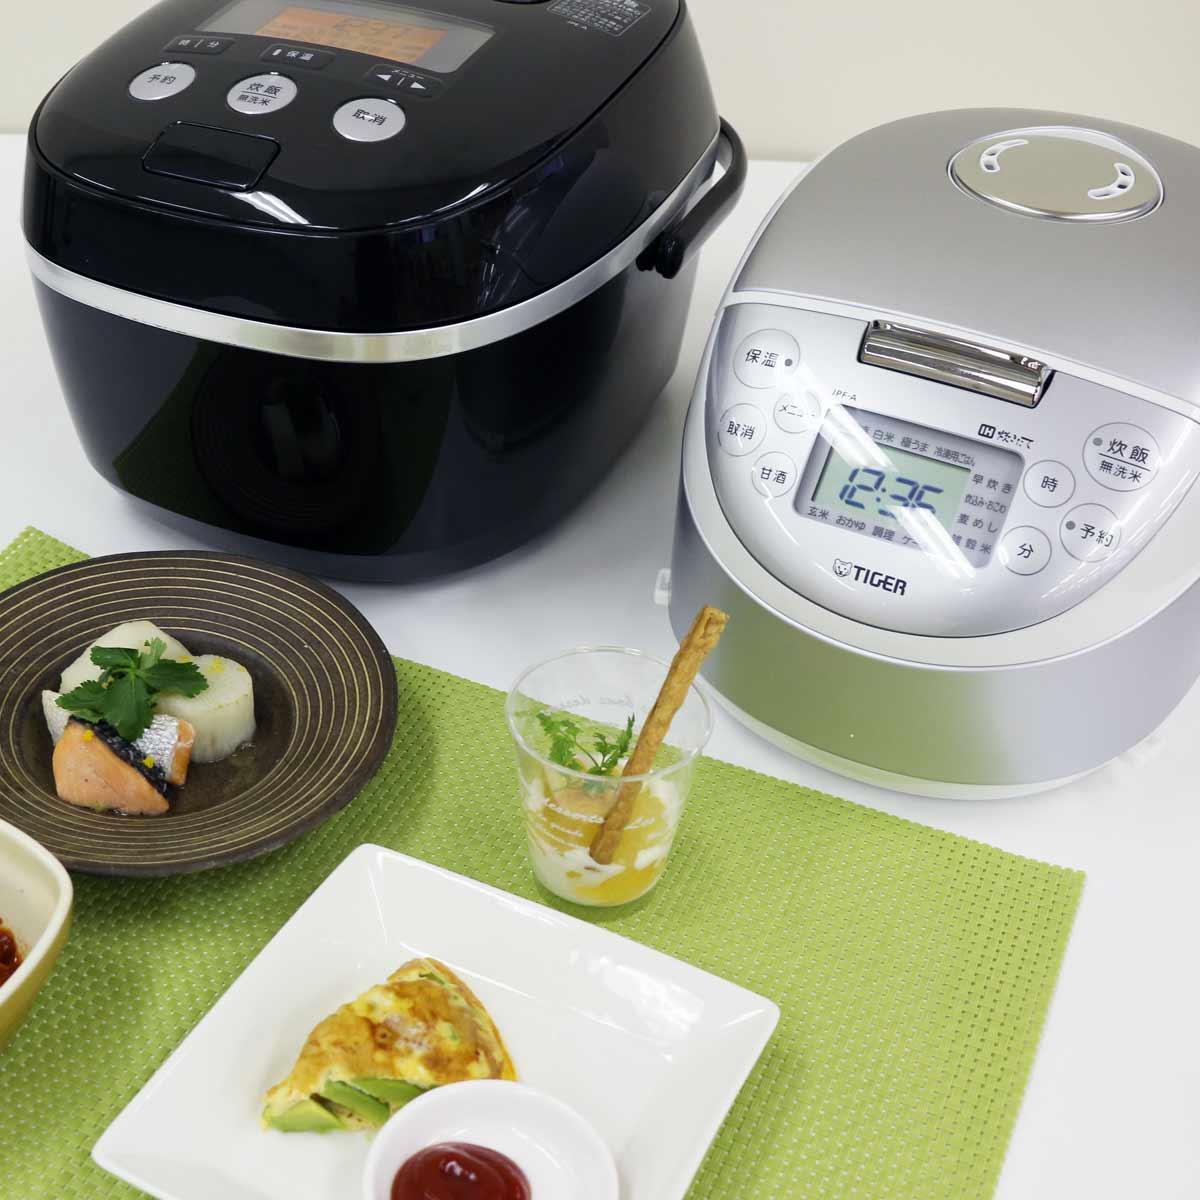 """超簡単な自炊のススメ! タイガーのIH炊飯器で作る""""15分の時短調理""""を体験してきた"""